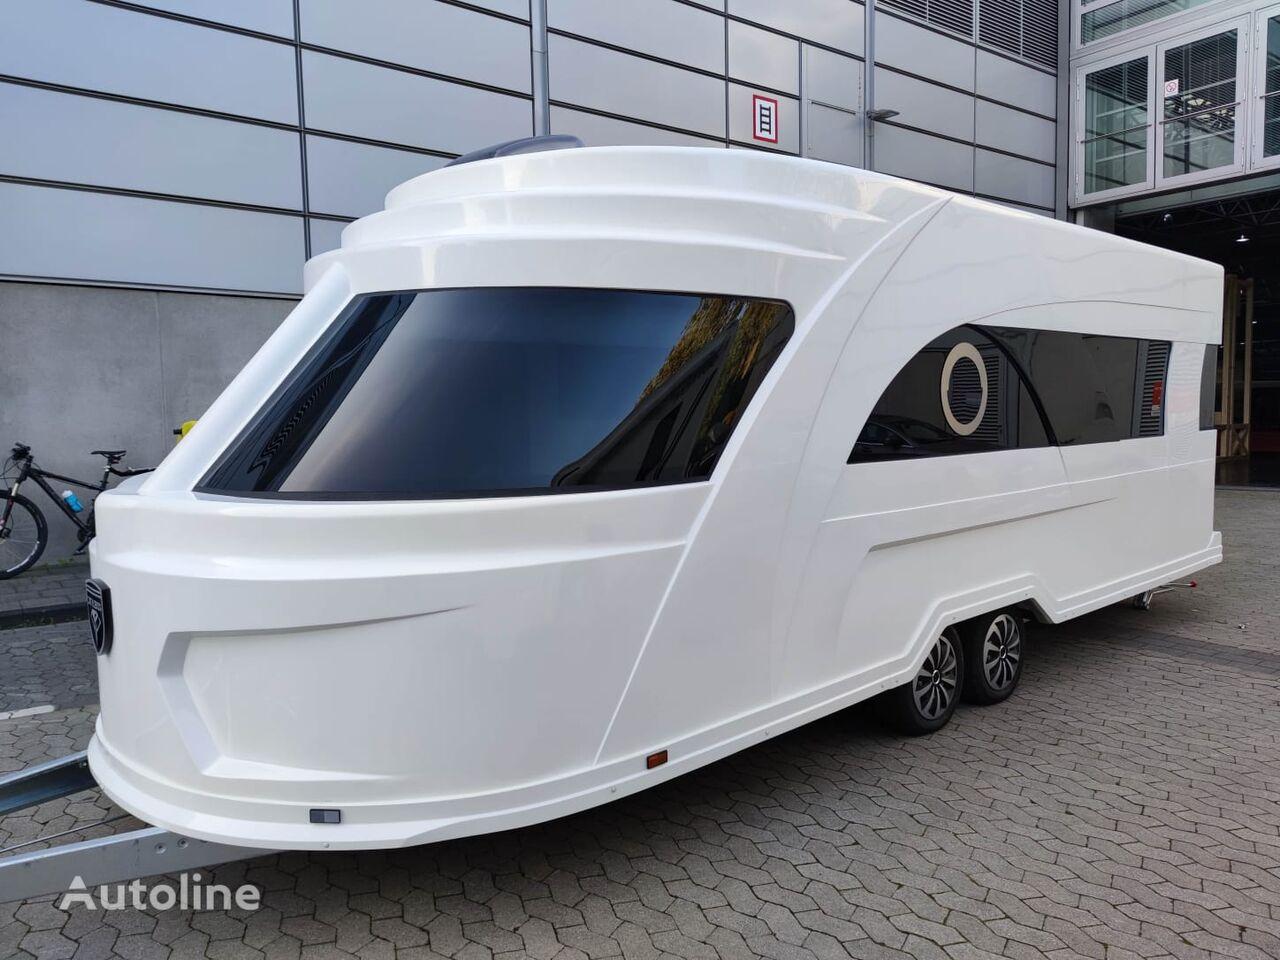 новый прицеп дача  Derubis DERUBIS Series 7 / Monocoque / Wohnwagen wie eine Yacht